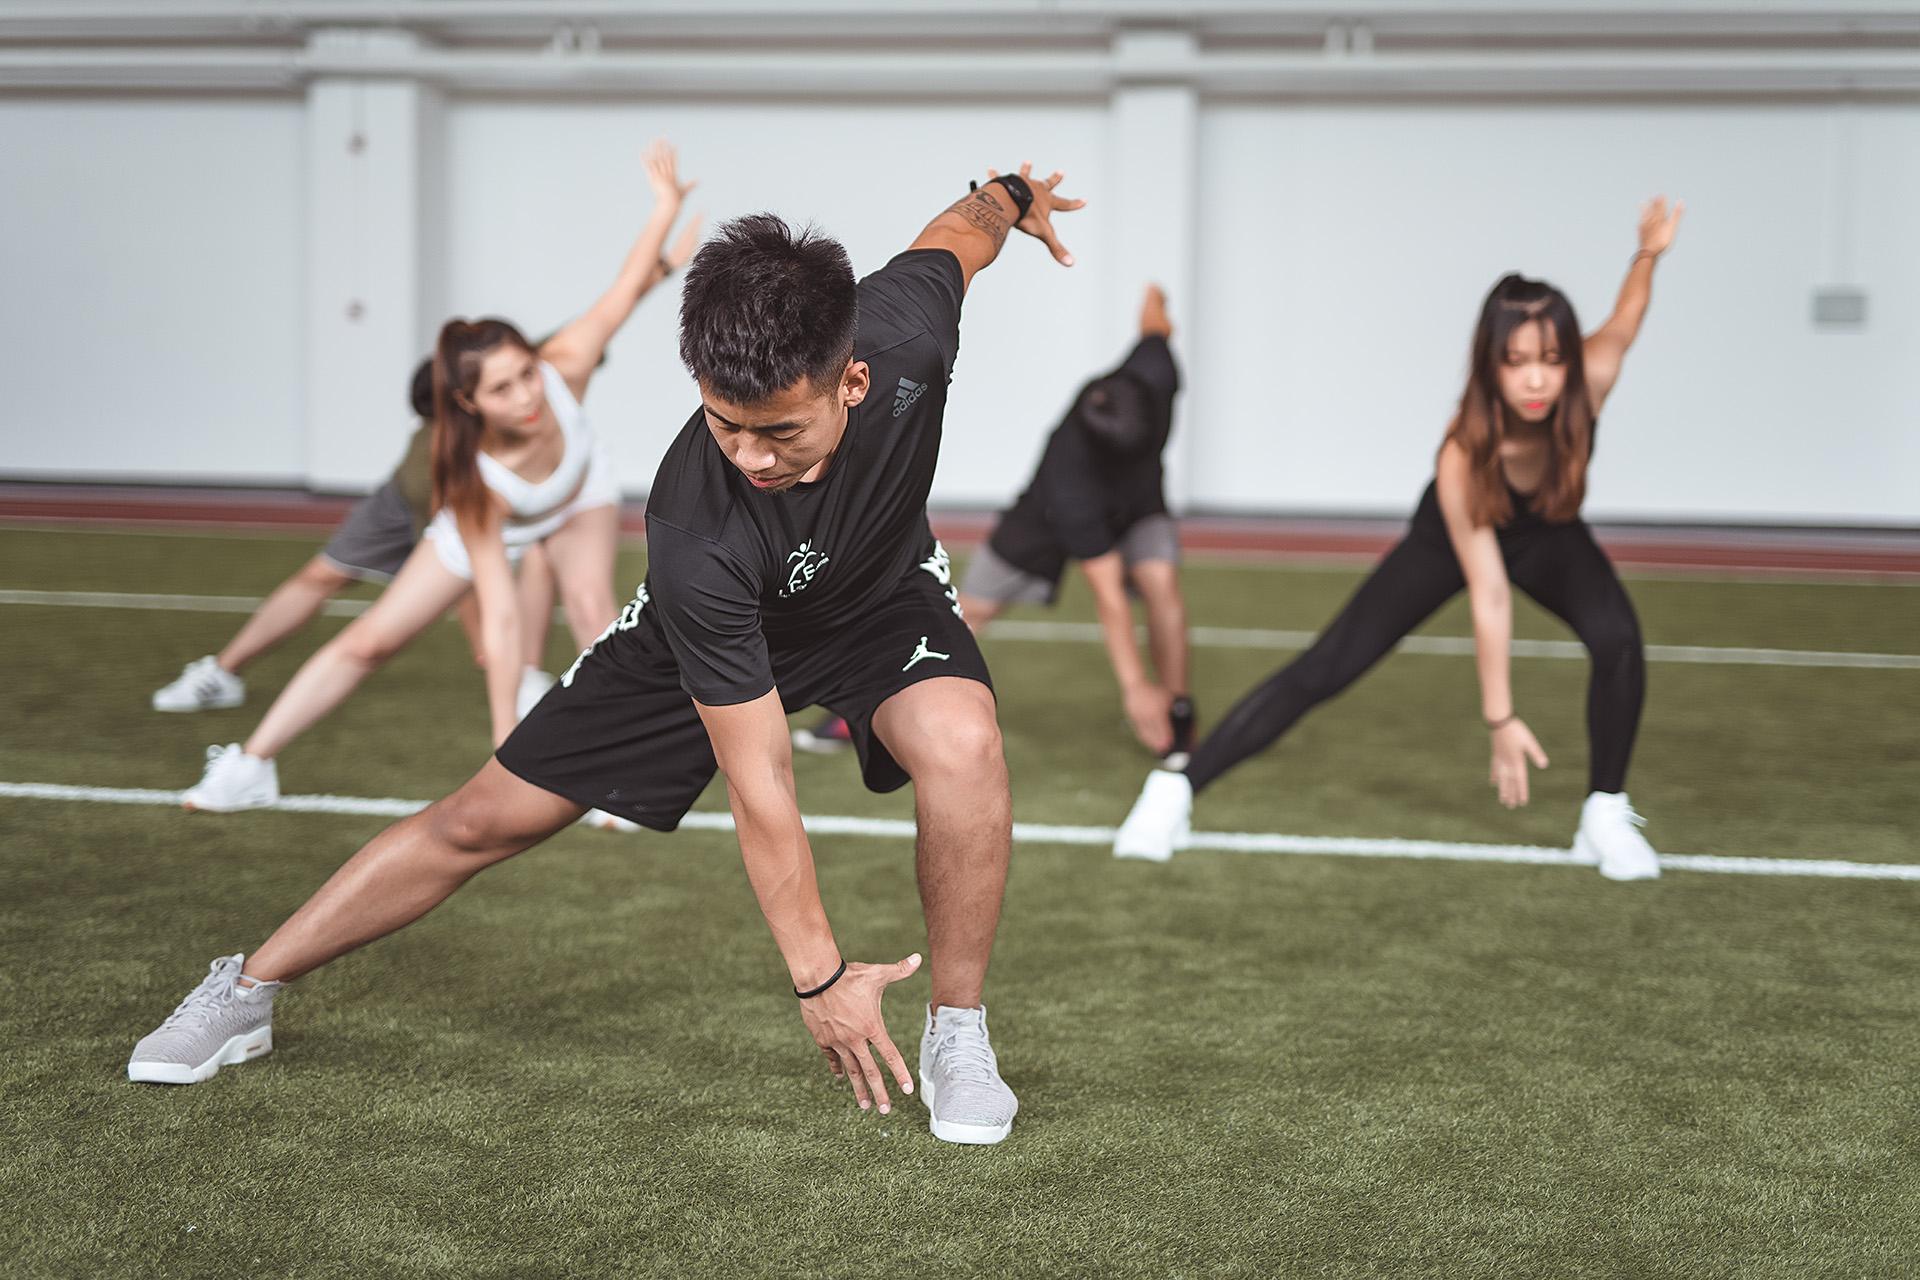 赛普健身教练培训基地功能性训练